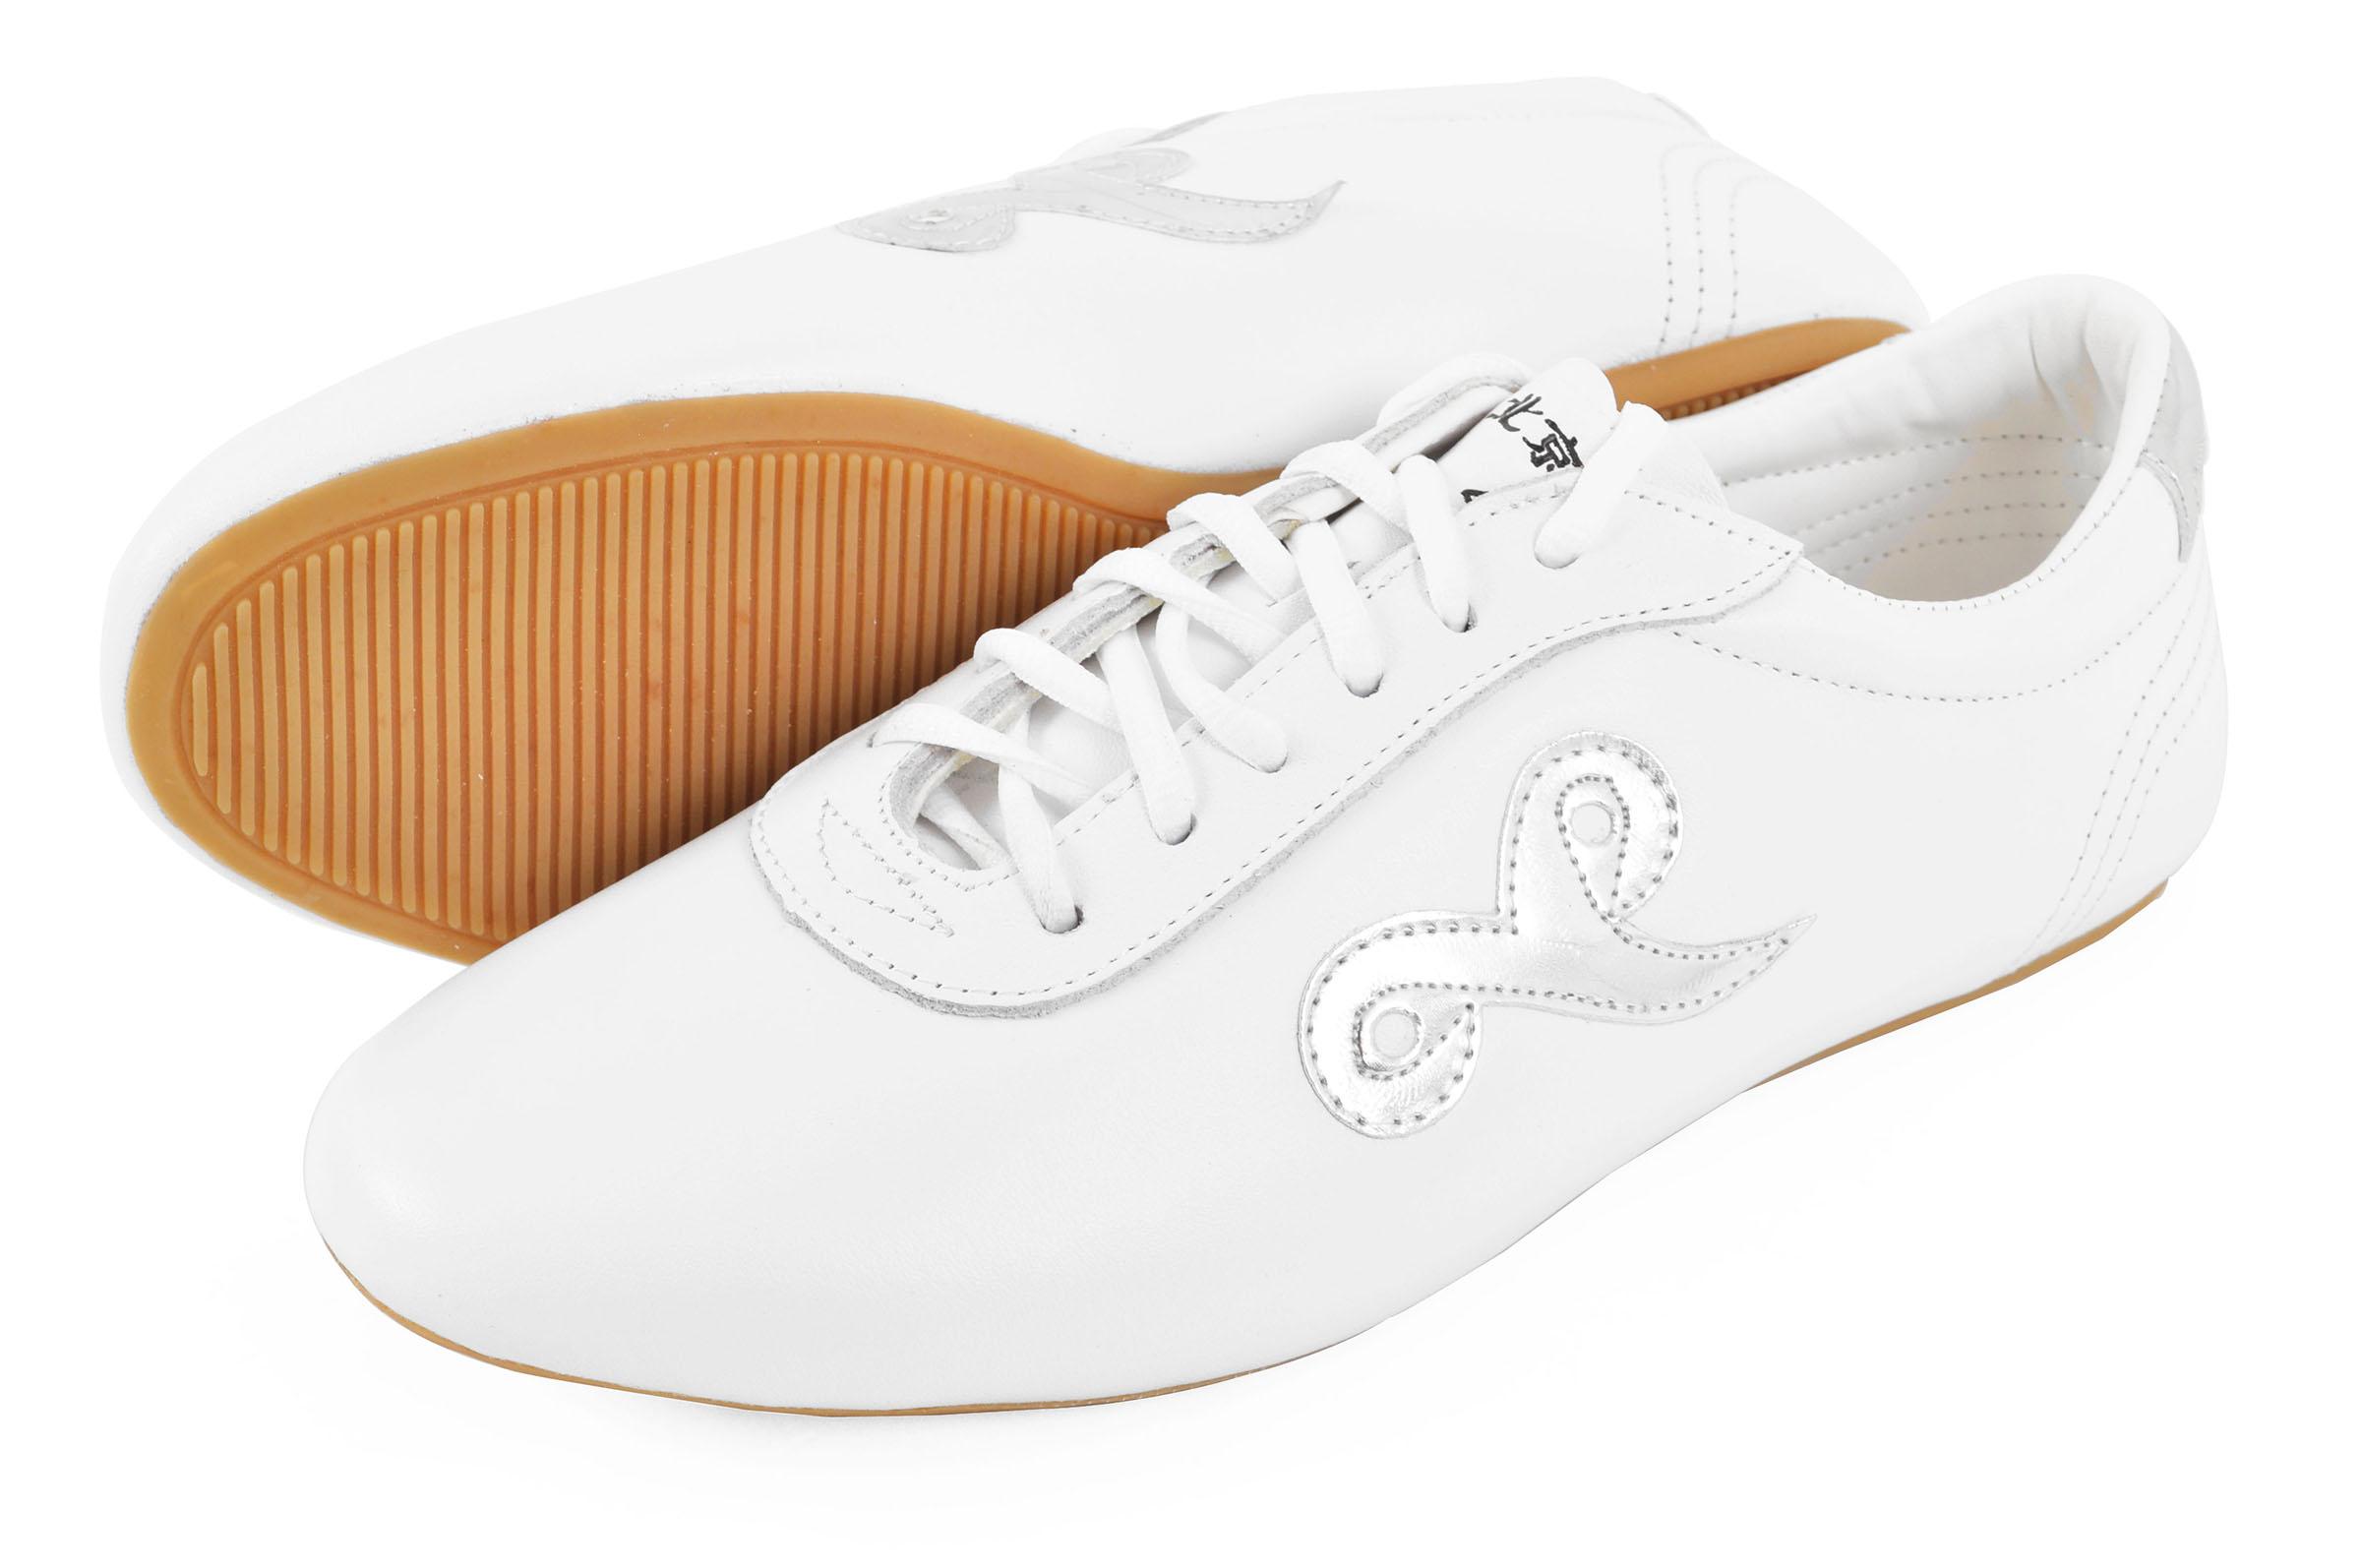 Zapatos de Wushu 'Shen Long', Blancos - 40